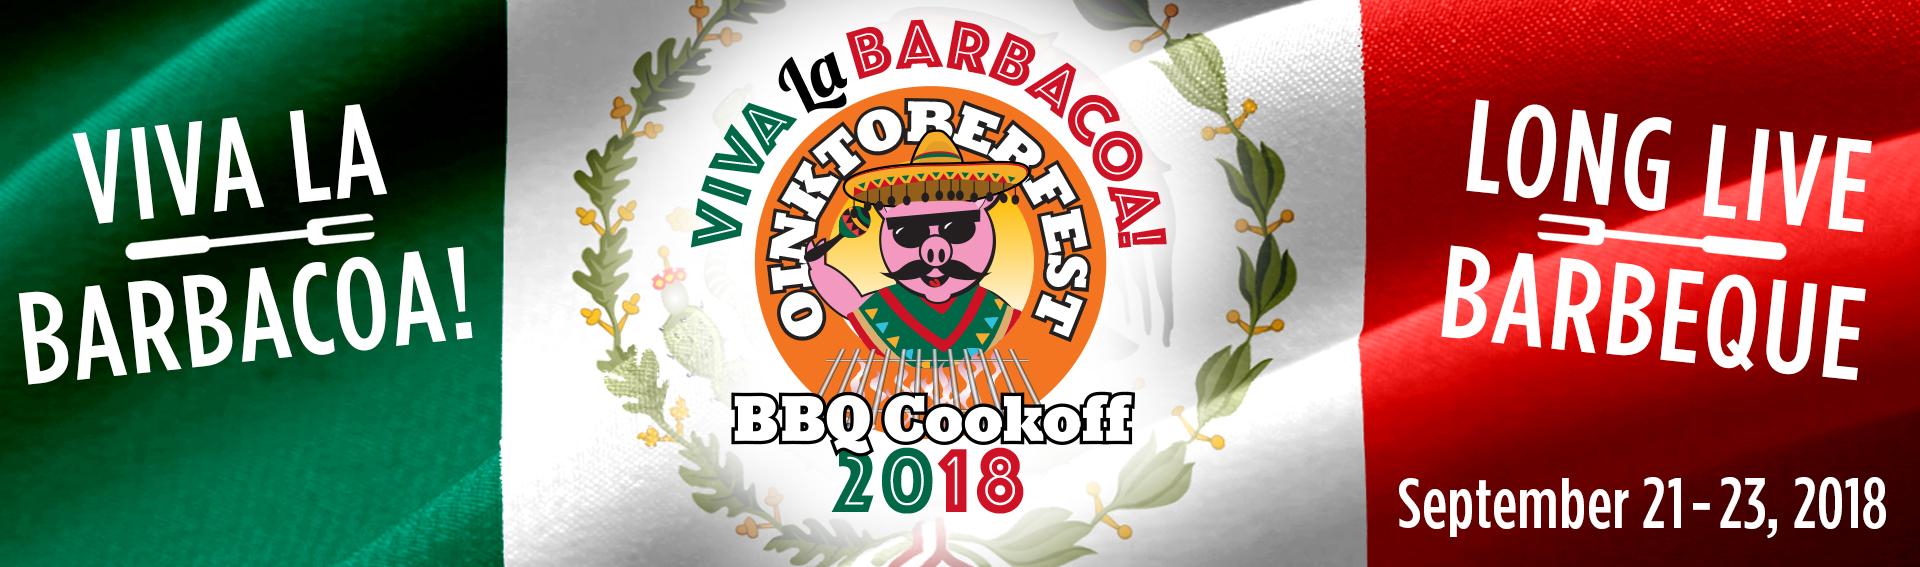 Viva La Barbacoa